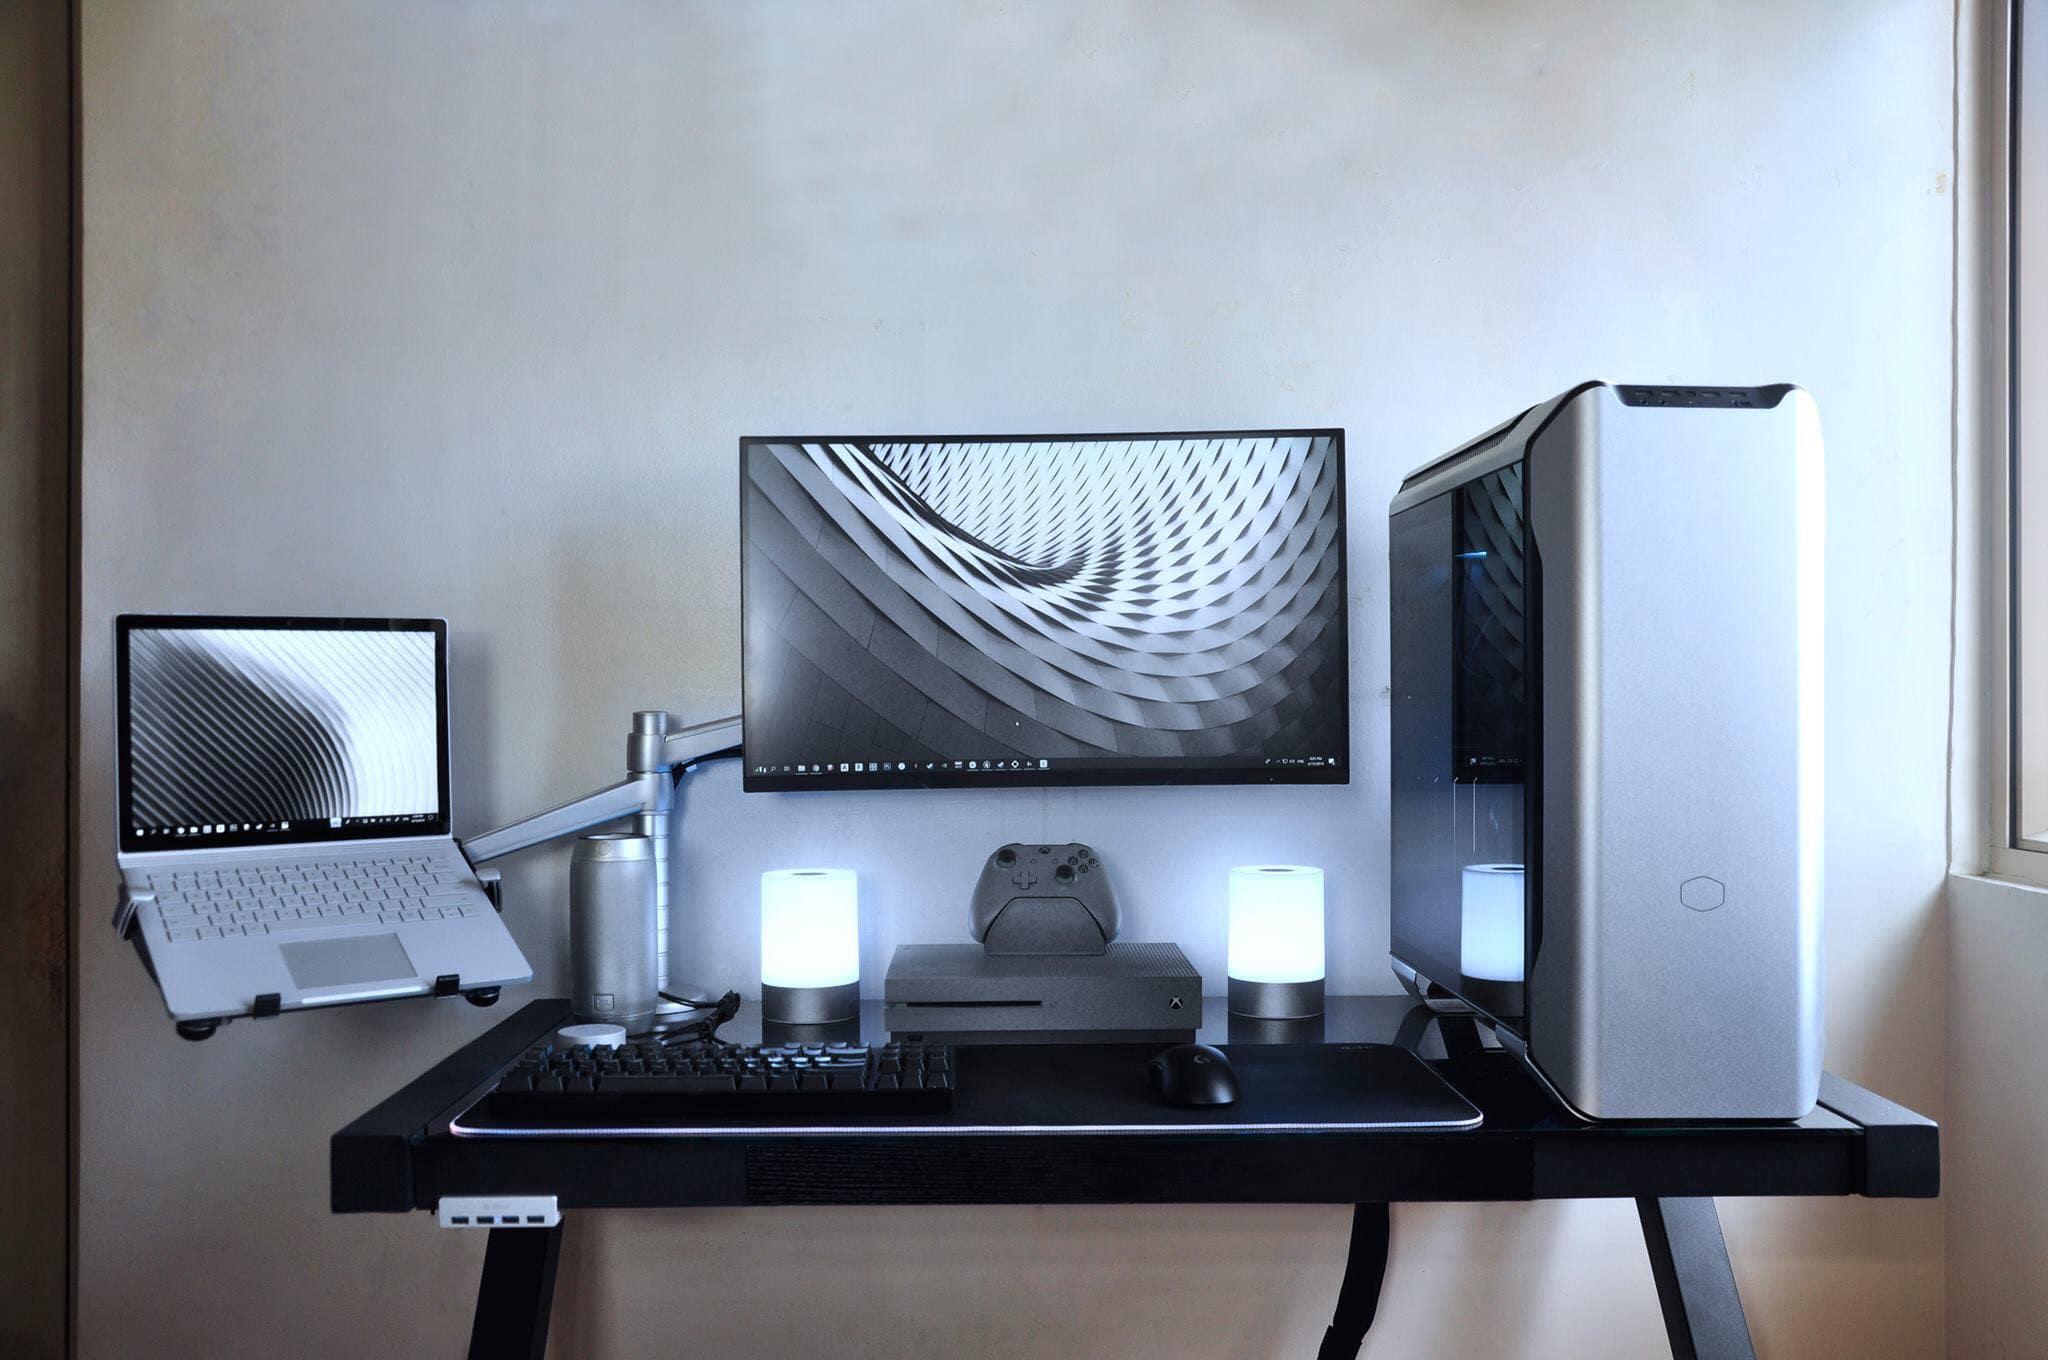 adriel's setup picture